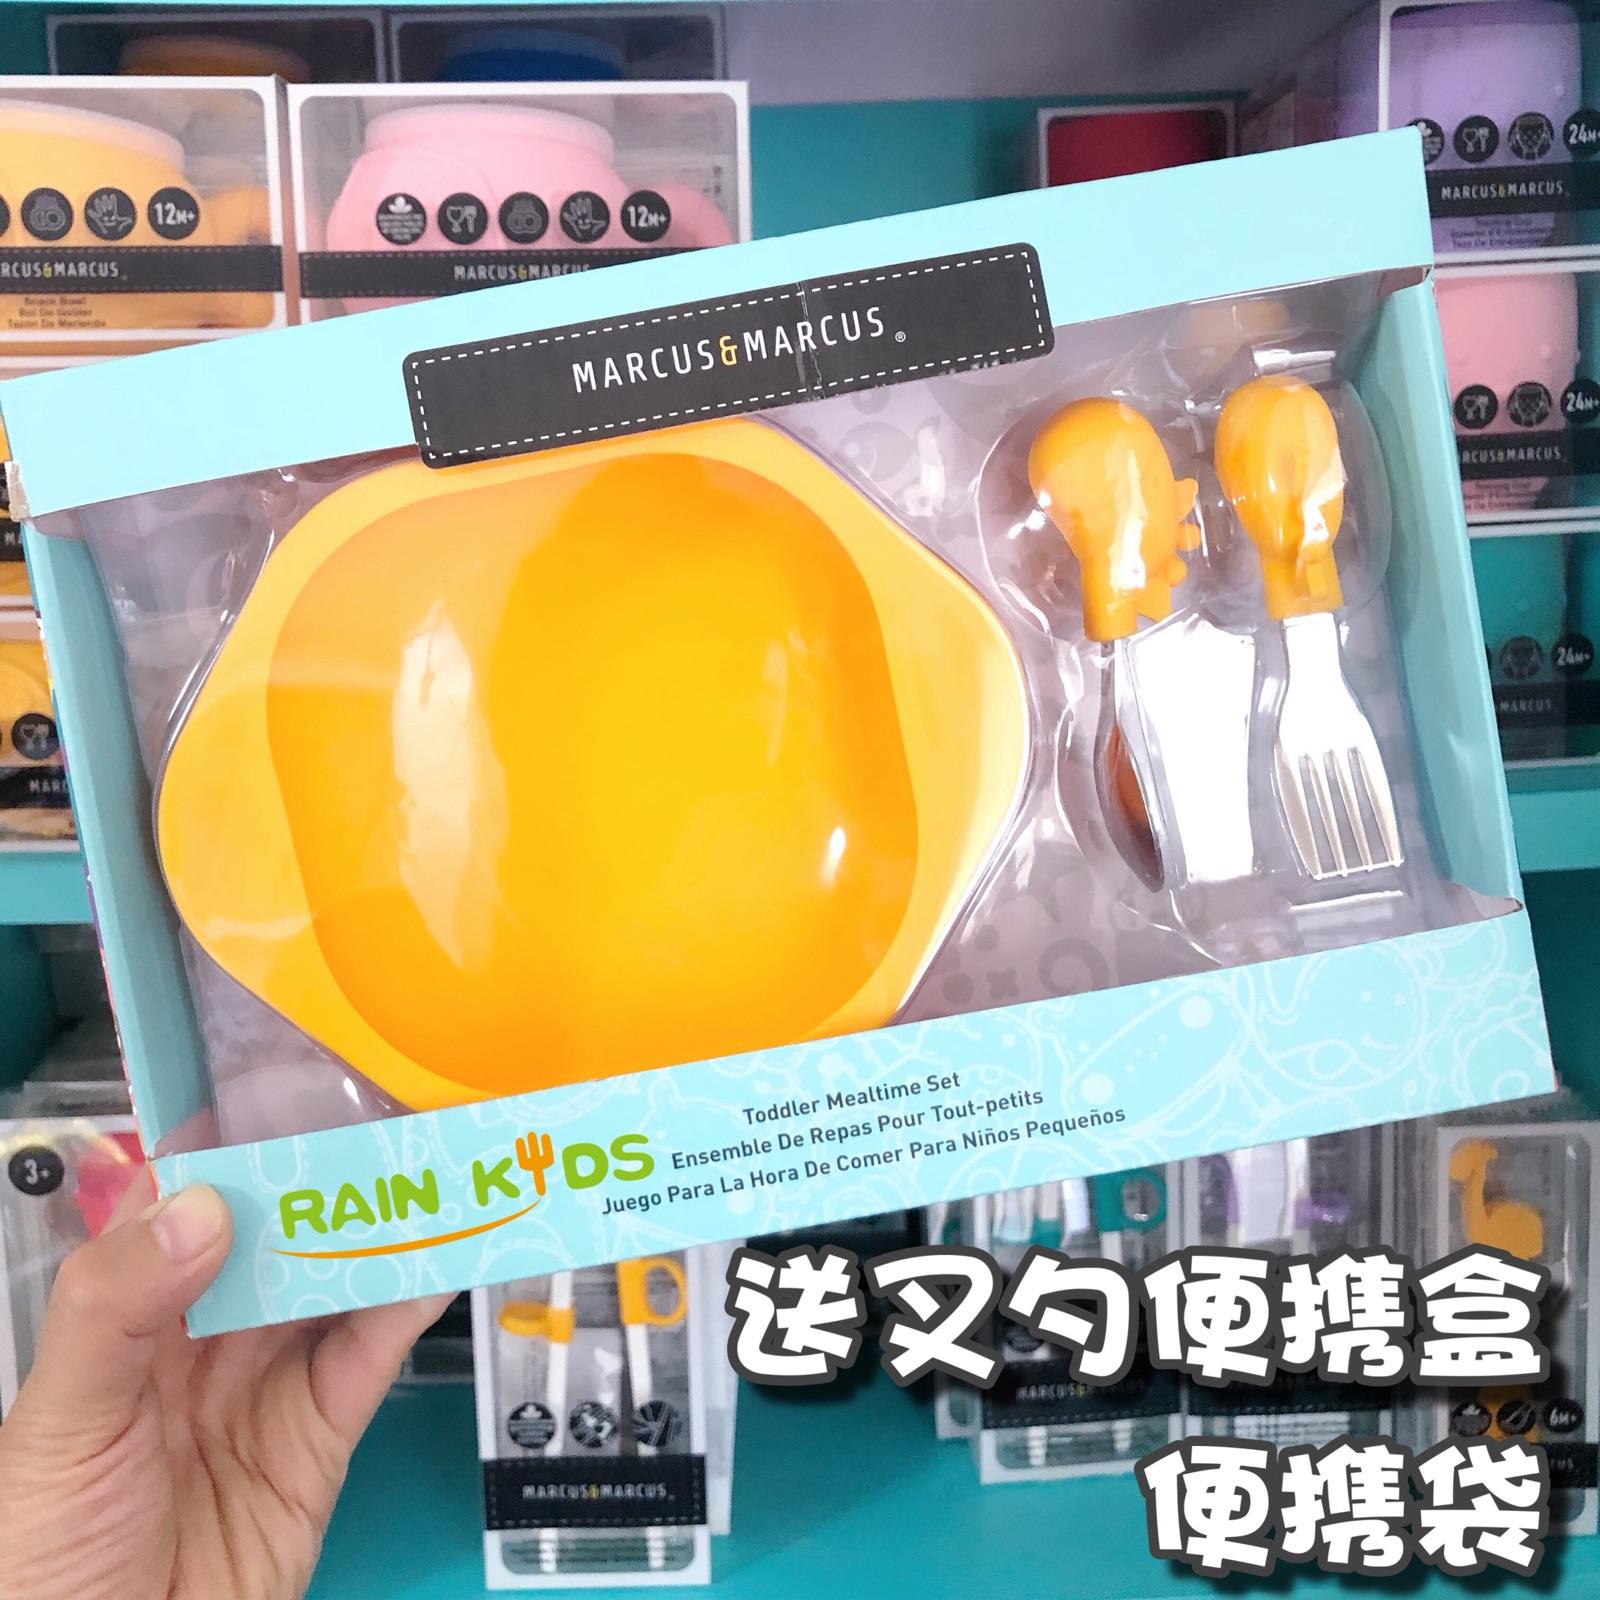 加拿大Marcus儿童训练叉勺吸盘碗套装不锈钢叉勺硅胶碗两件礼盒